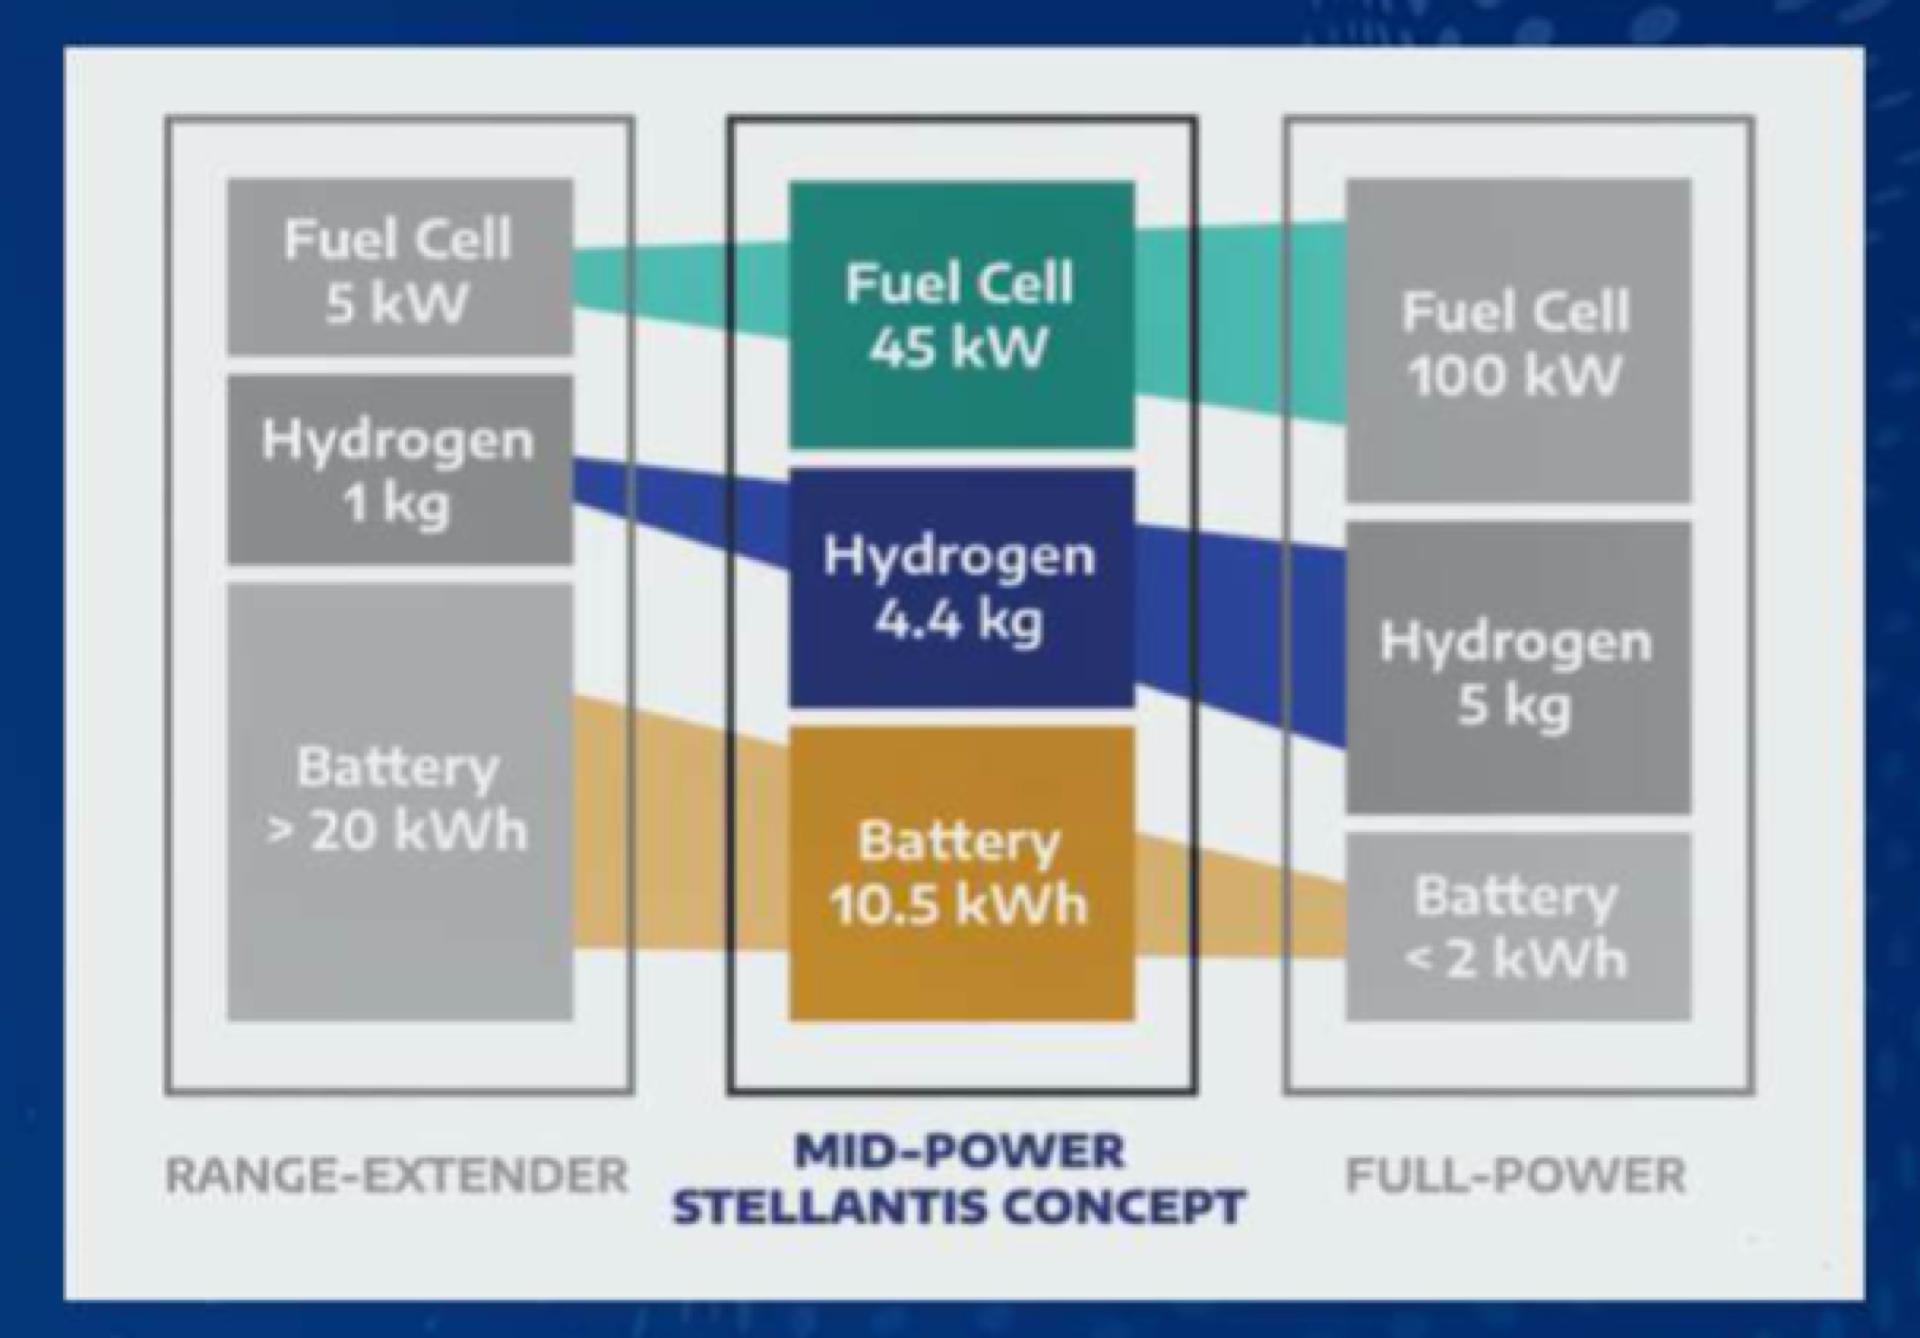 Stellantis Hidrogeno 1